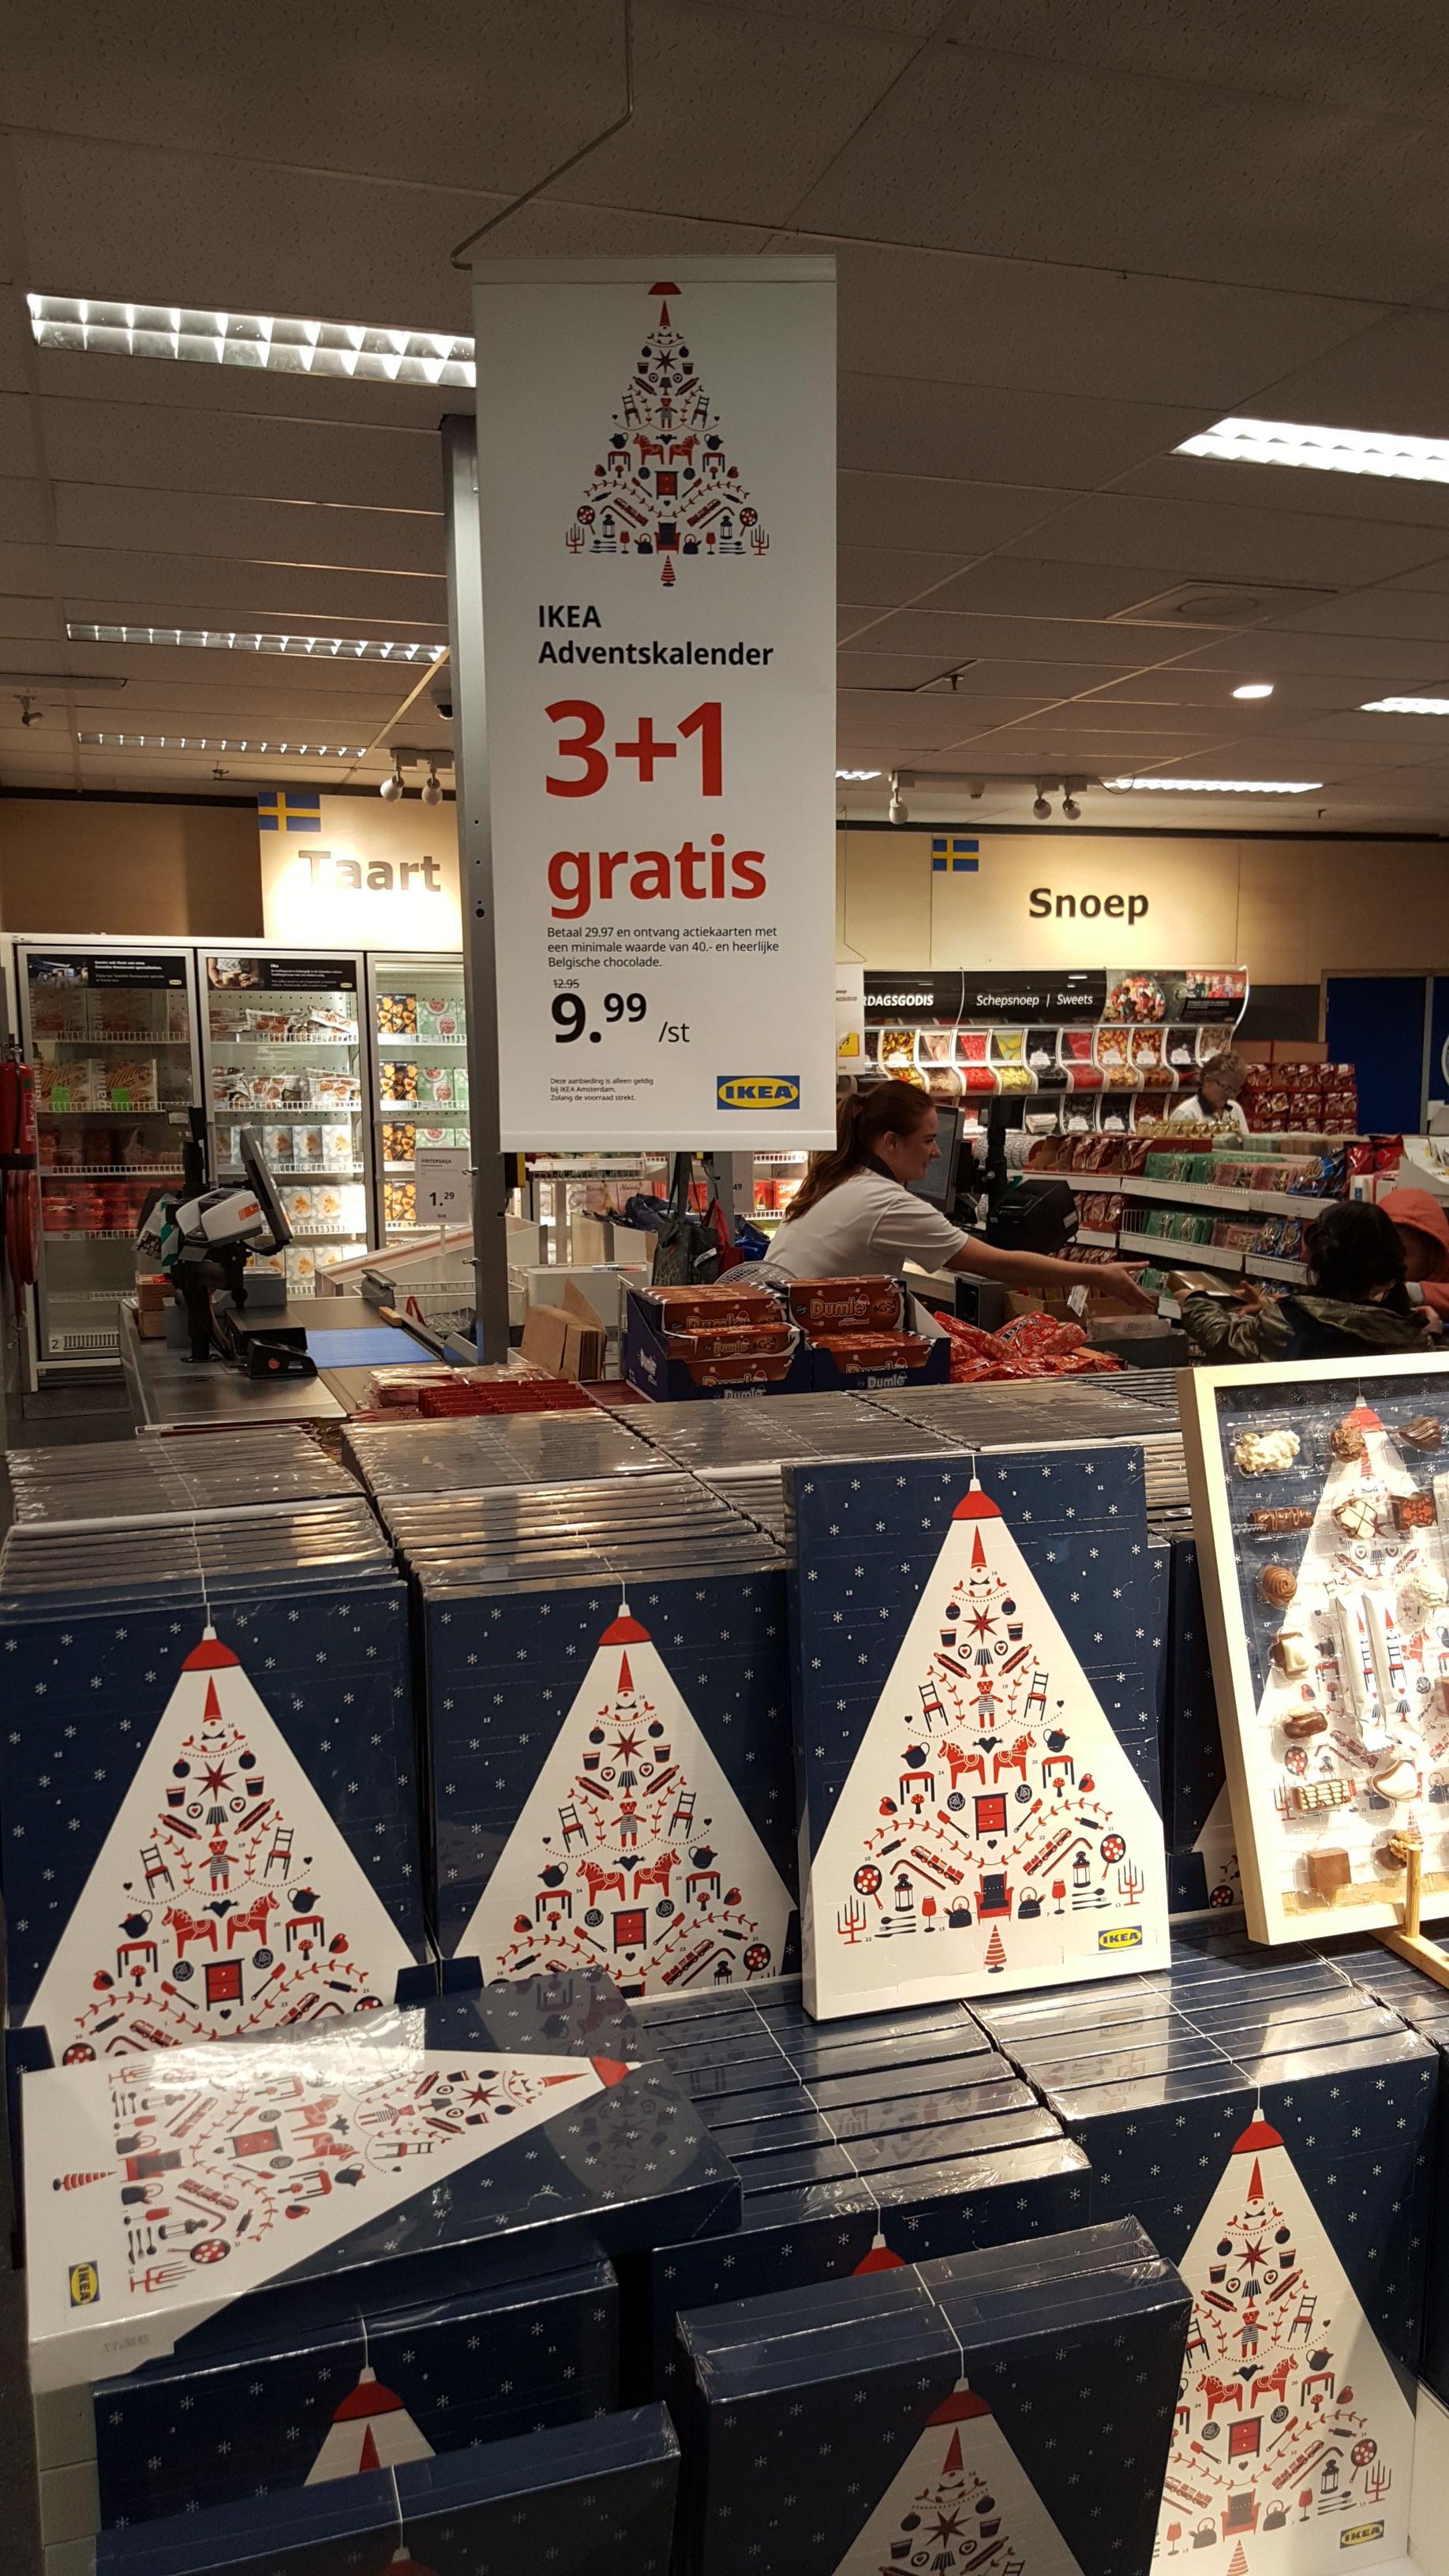 Ikea advents kalender nu landelijk 2+1 gratis